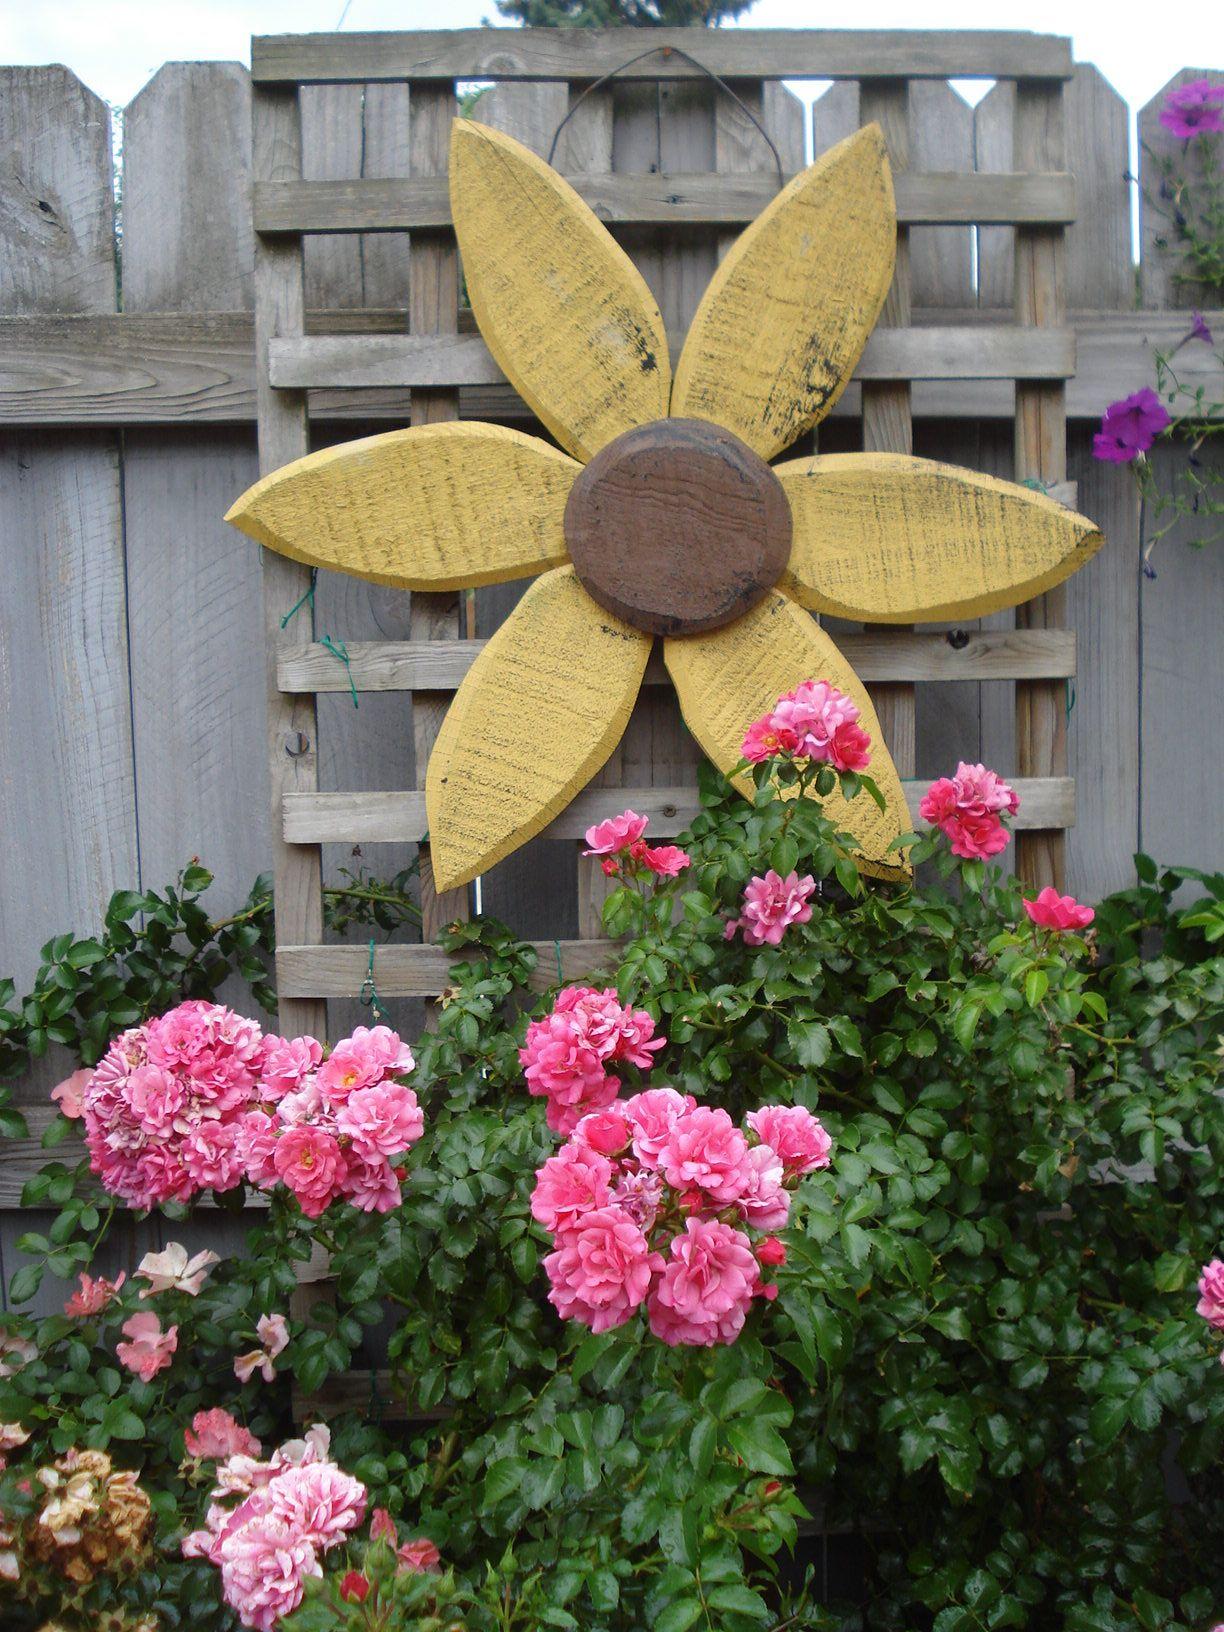 Wooden Sunflower Replaces Old Pink Door In Garden, Summer 2012